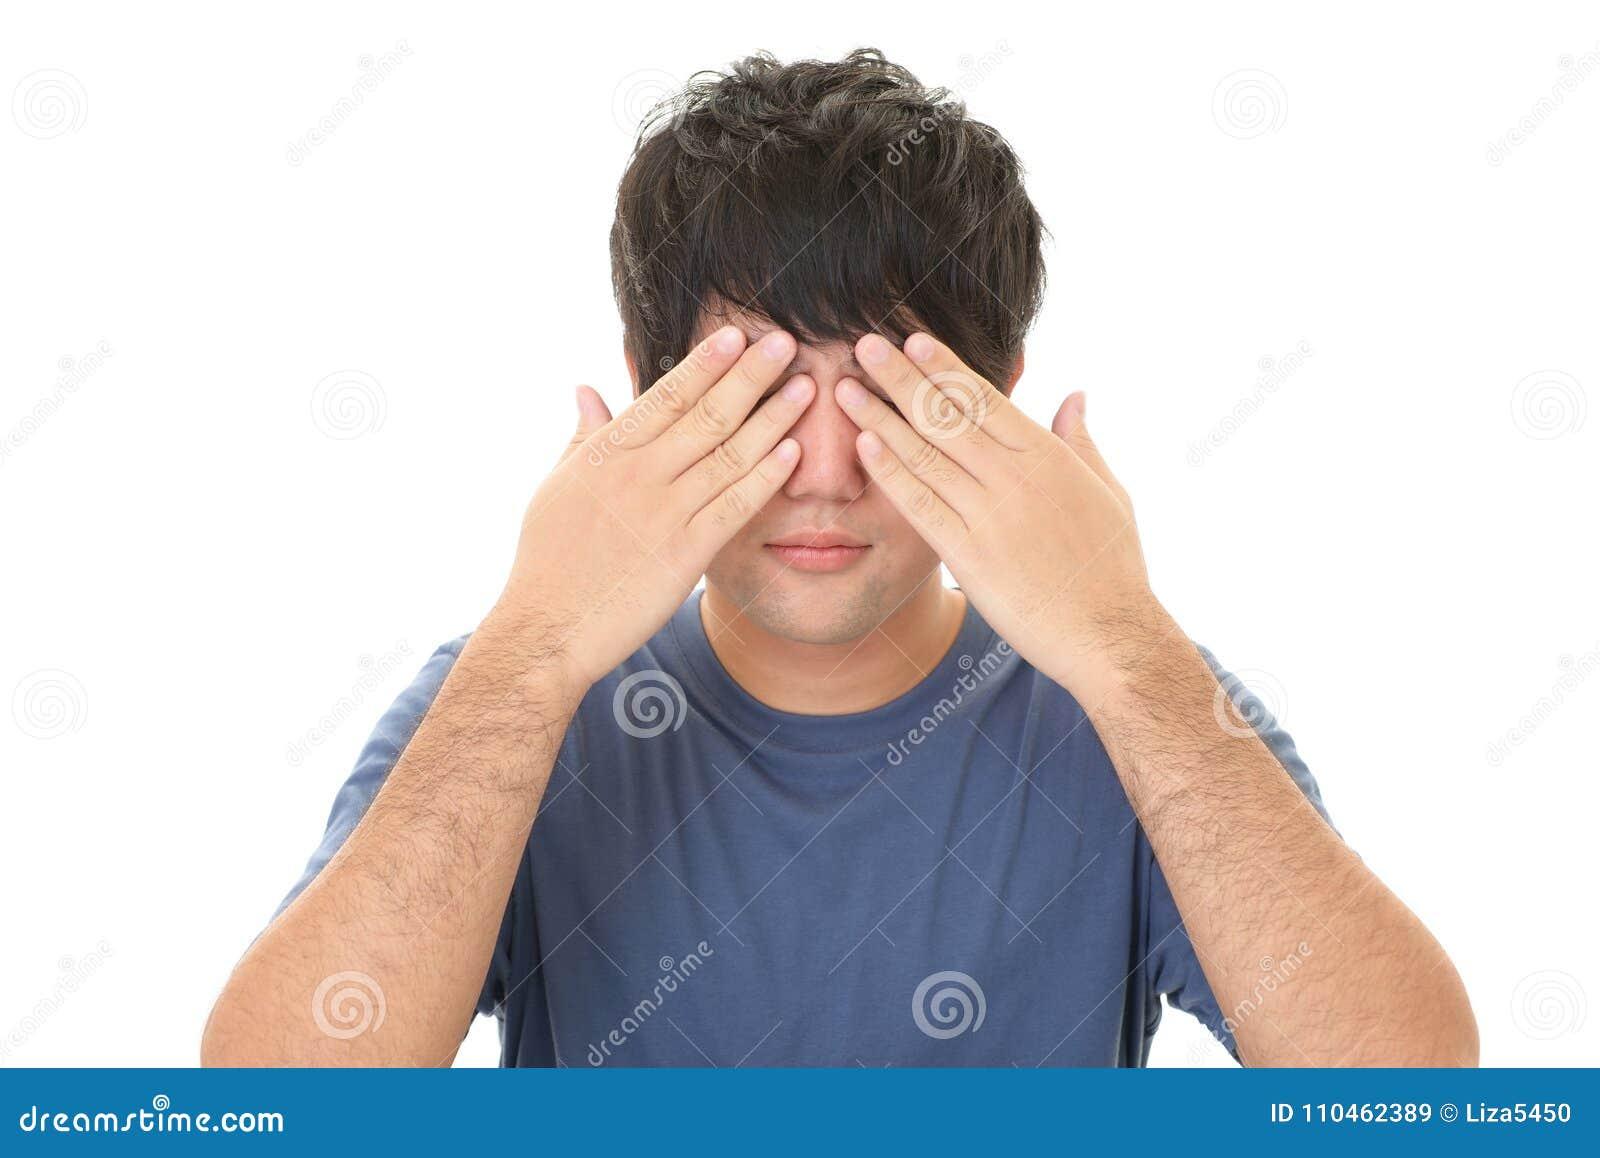 Coveringen eyes hans man